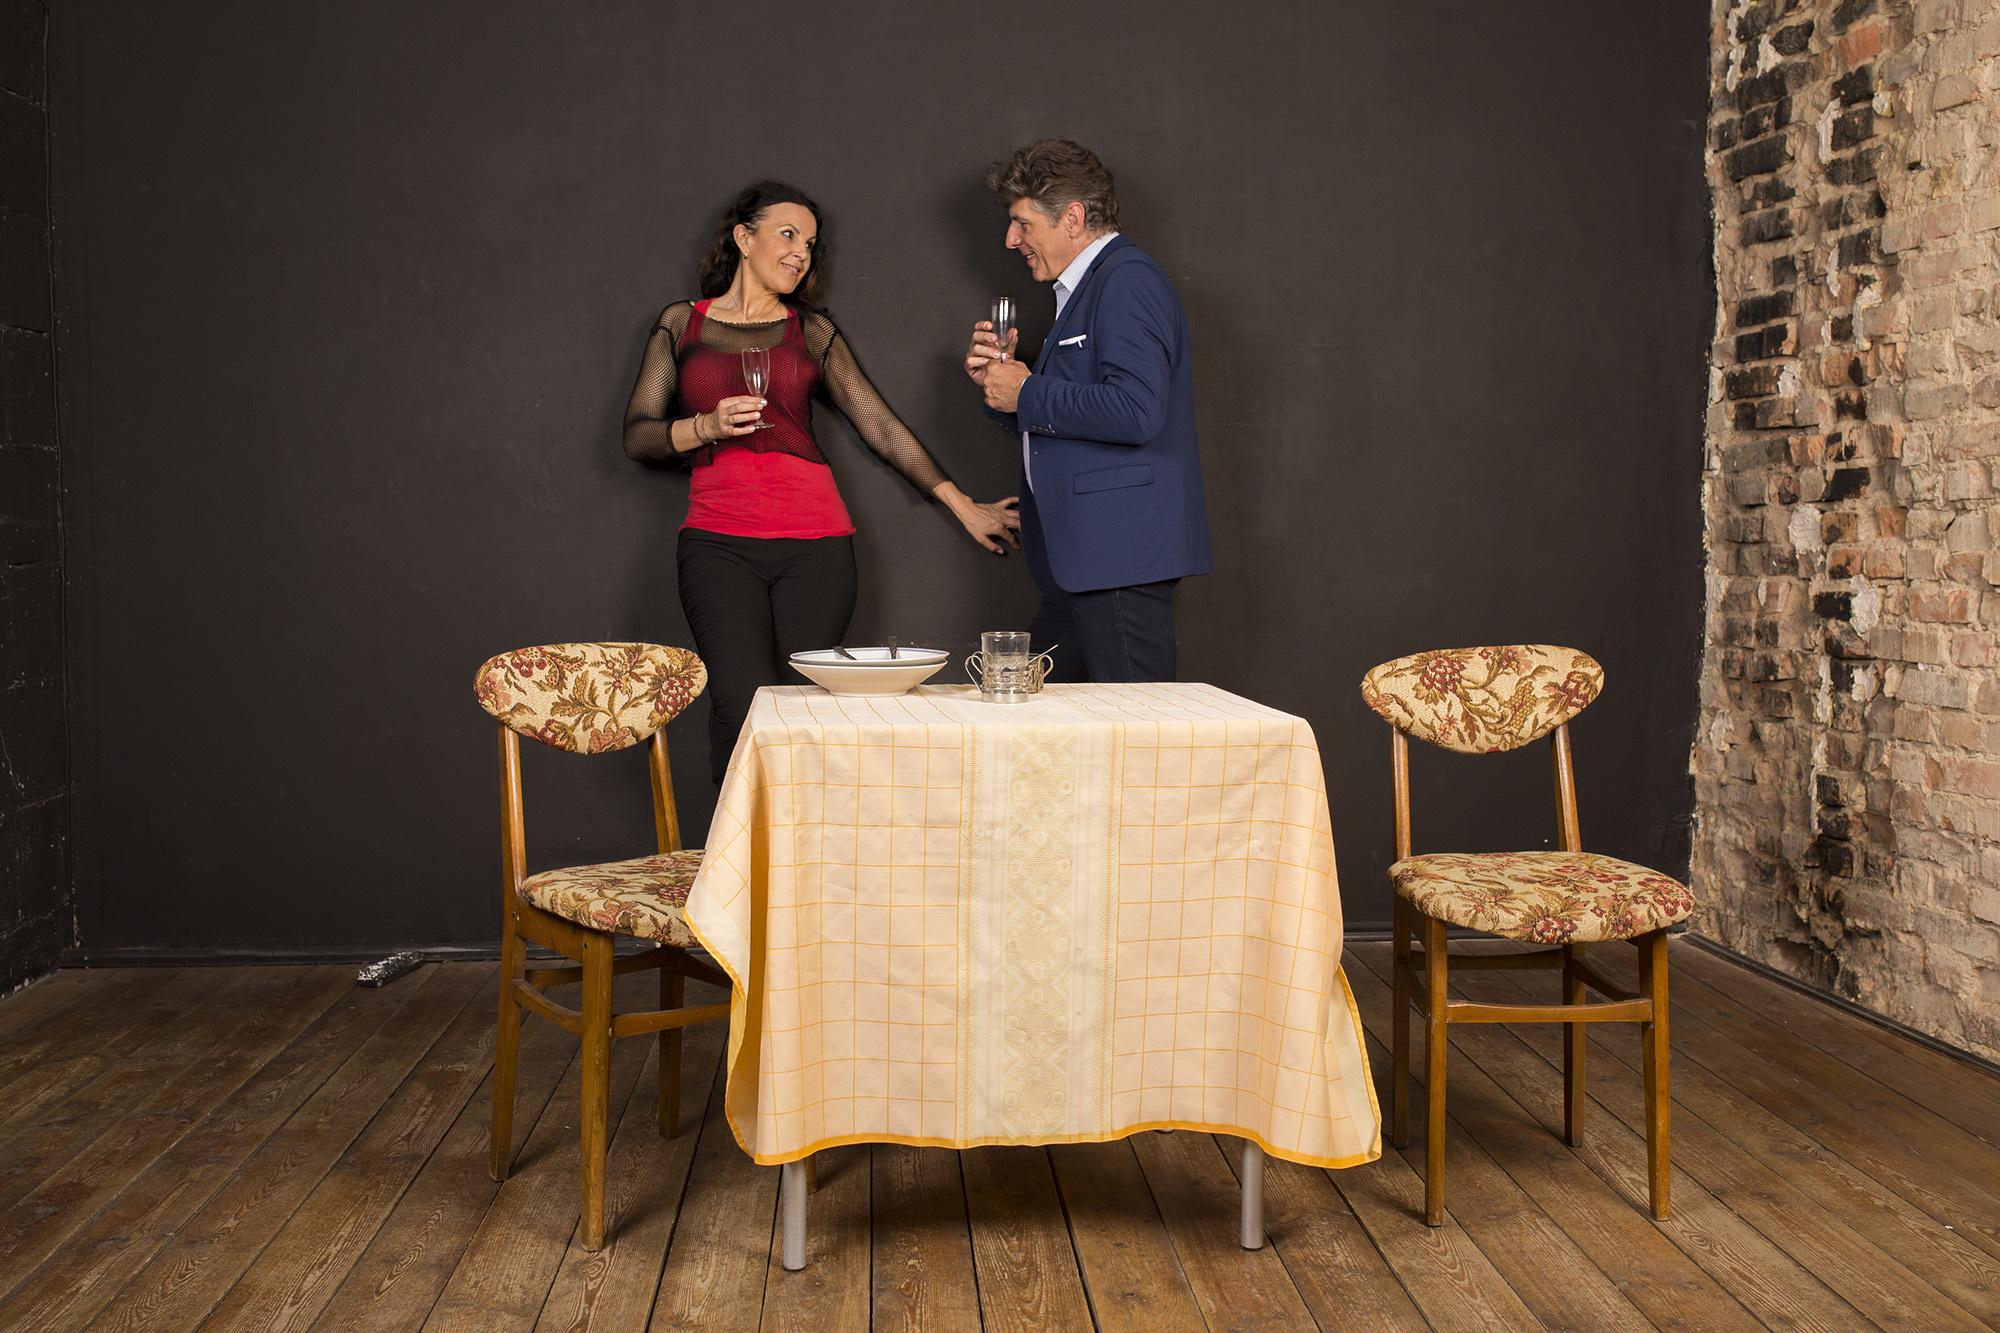 Średni czas spędzany na randkach online